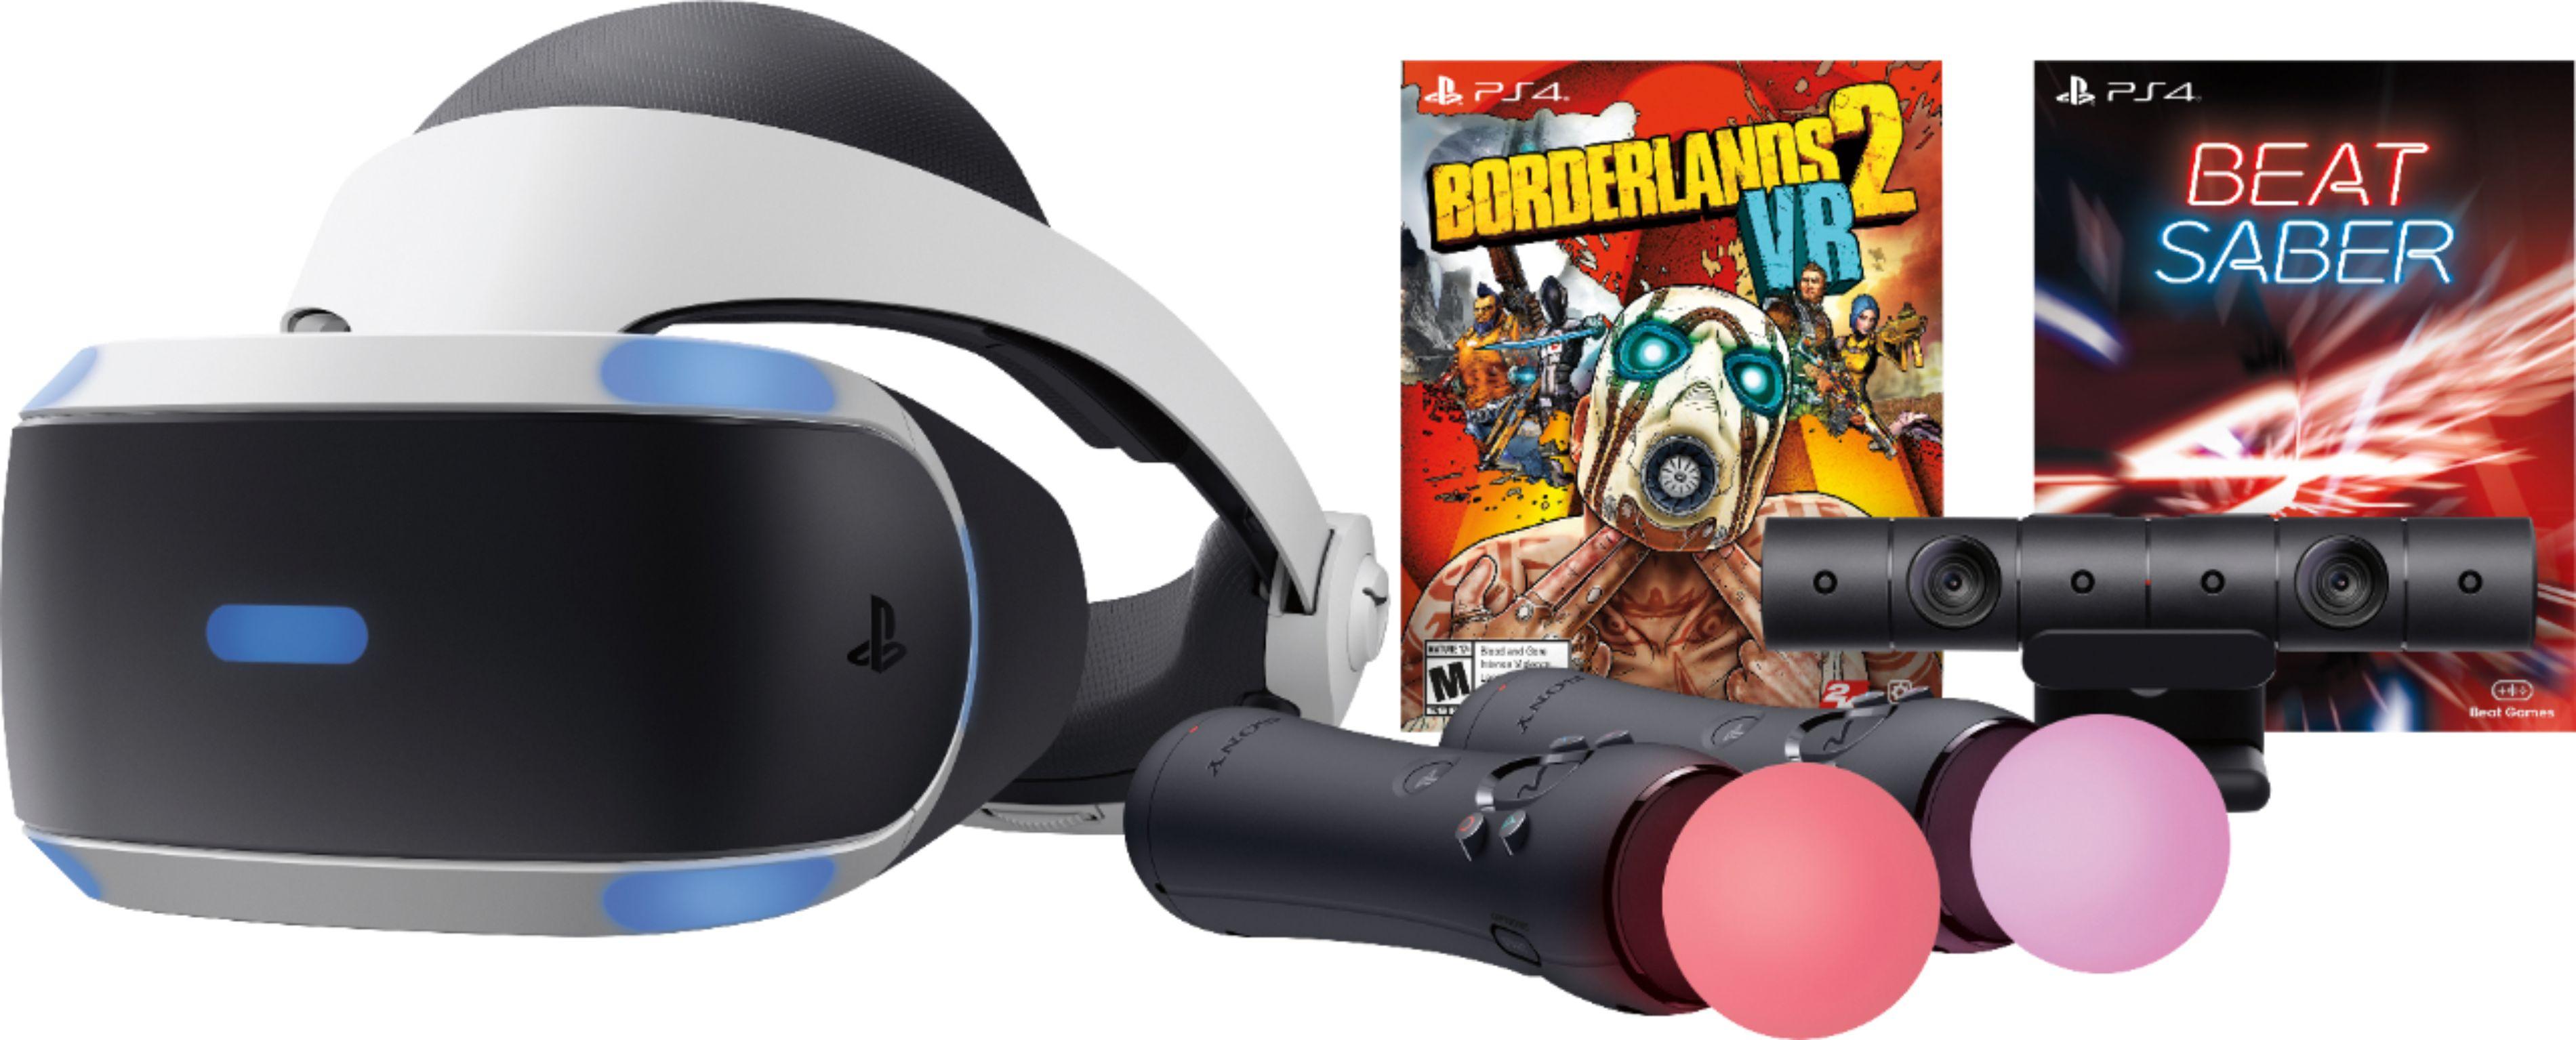 Playstation Vr - Borderlands 2 & Beat Saber Bundle